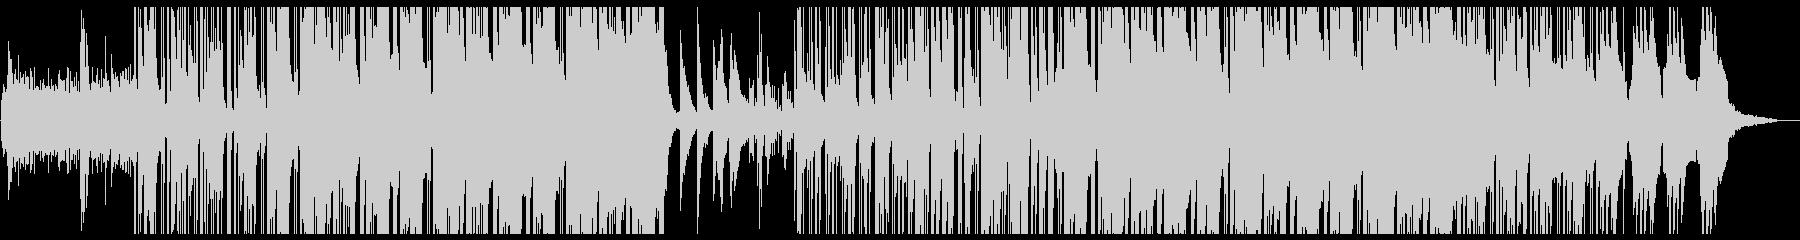 爽やかなヒップホップの未再生の波形